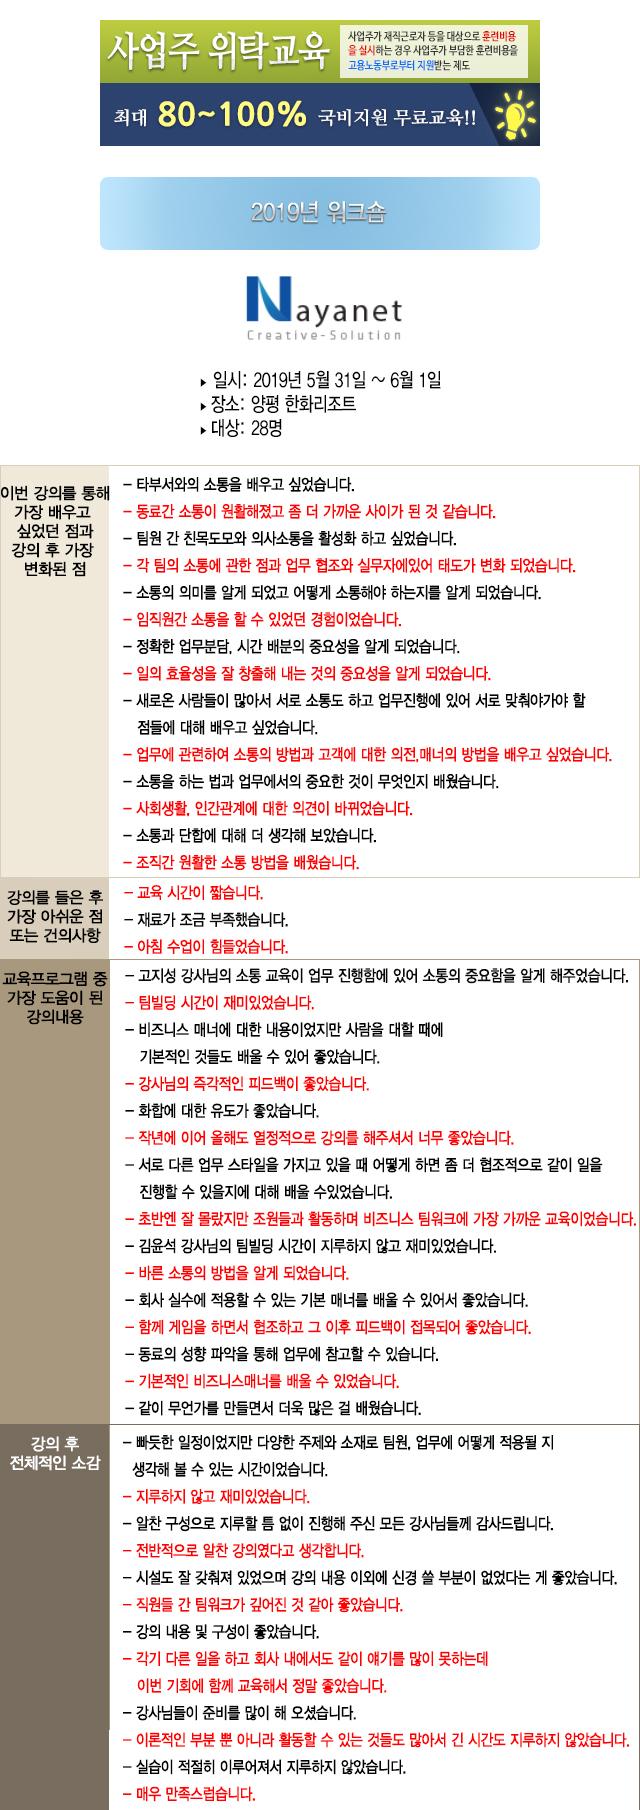 한국중앙인재개발원 후기 나야넷.jpg